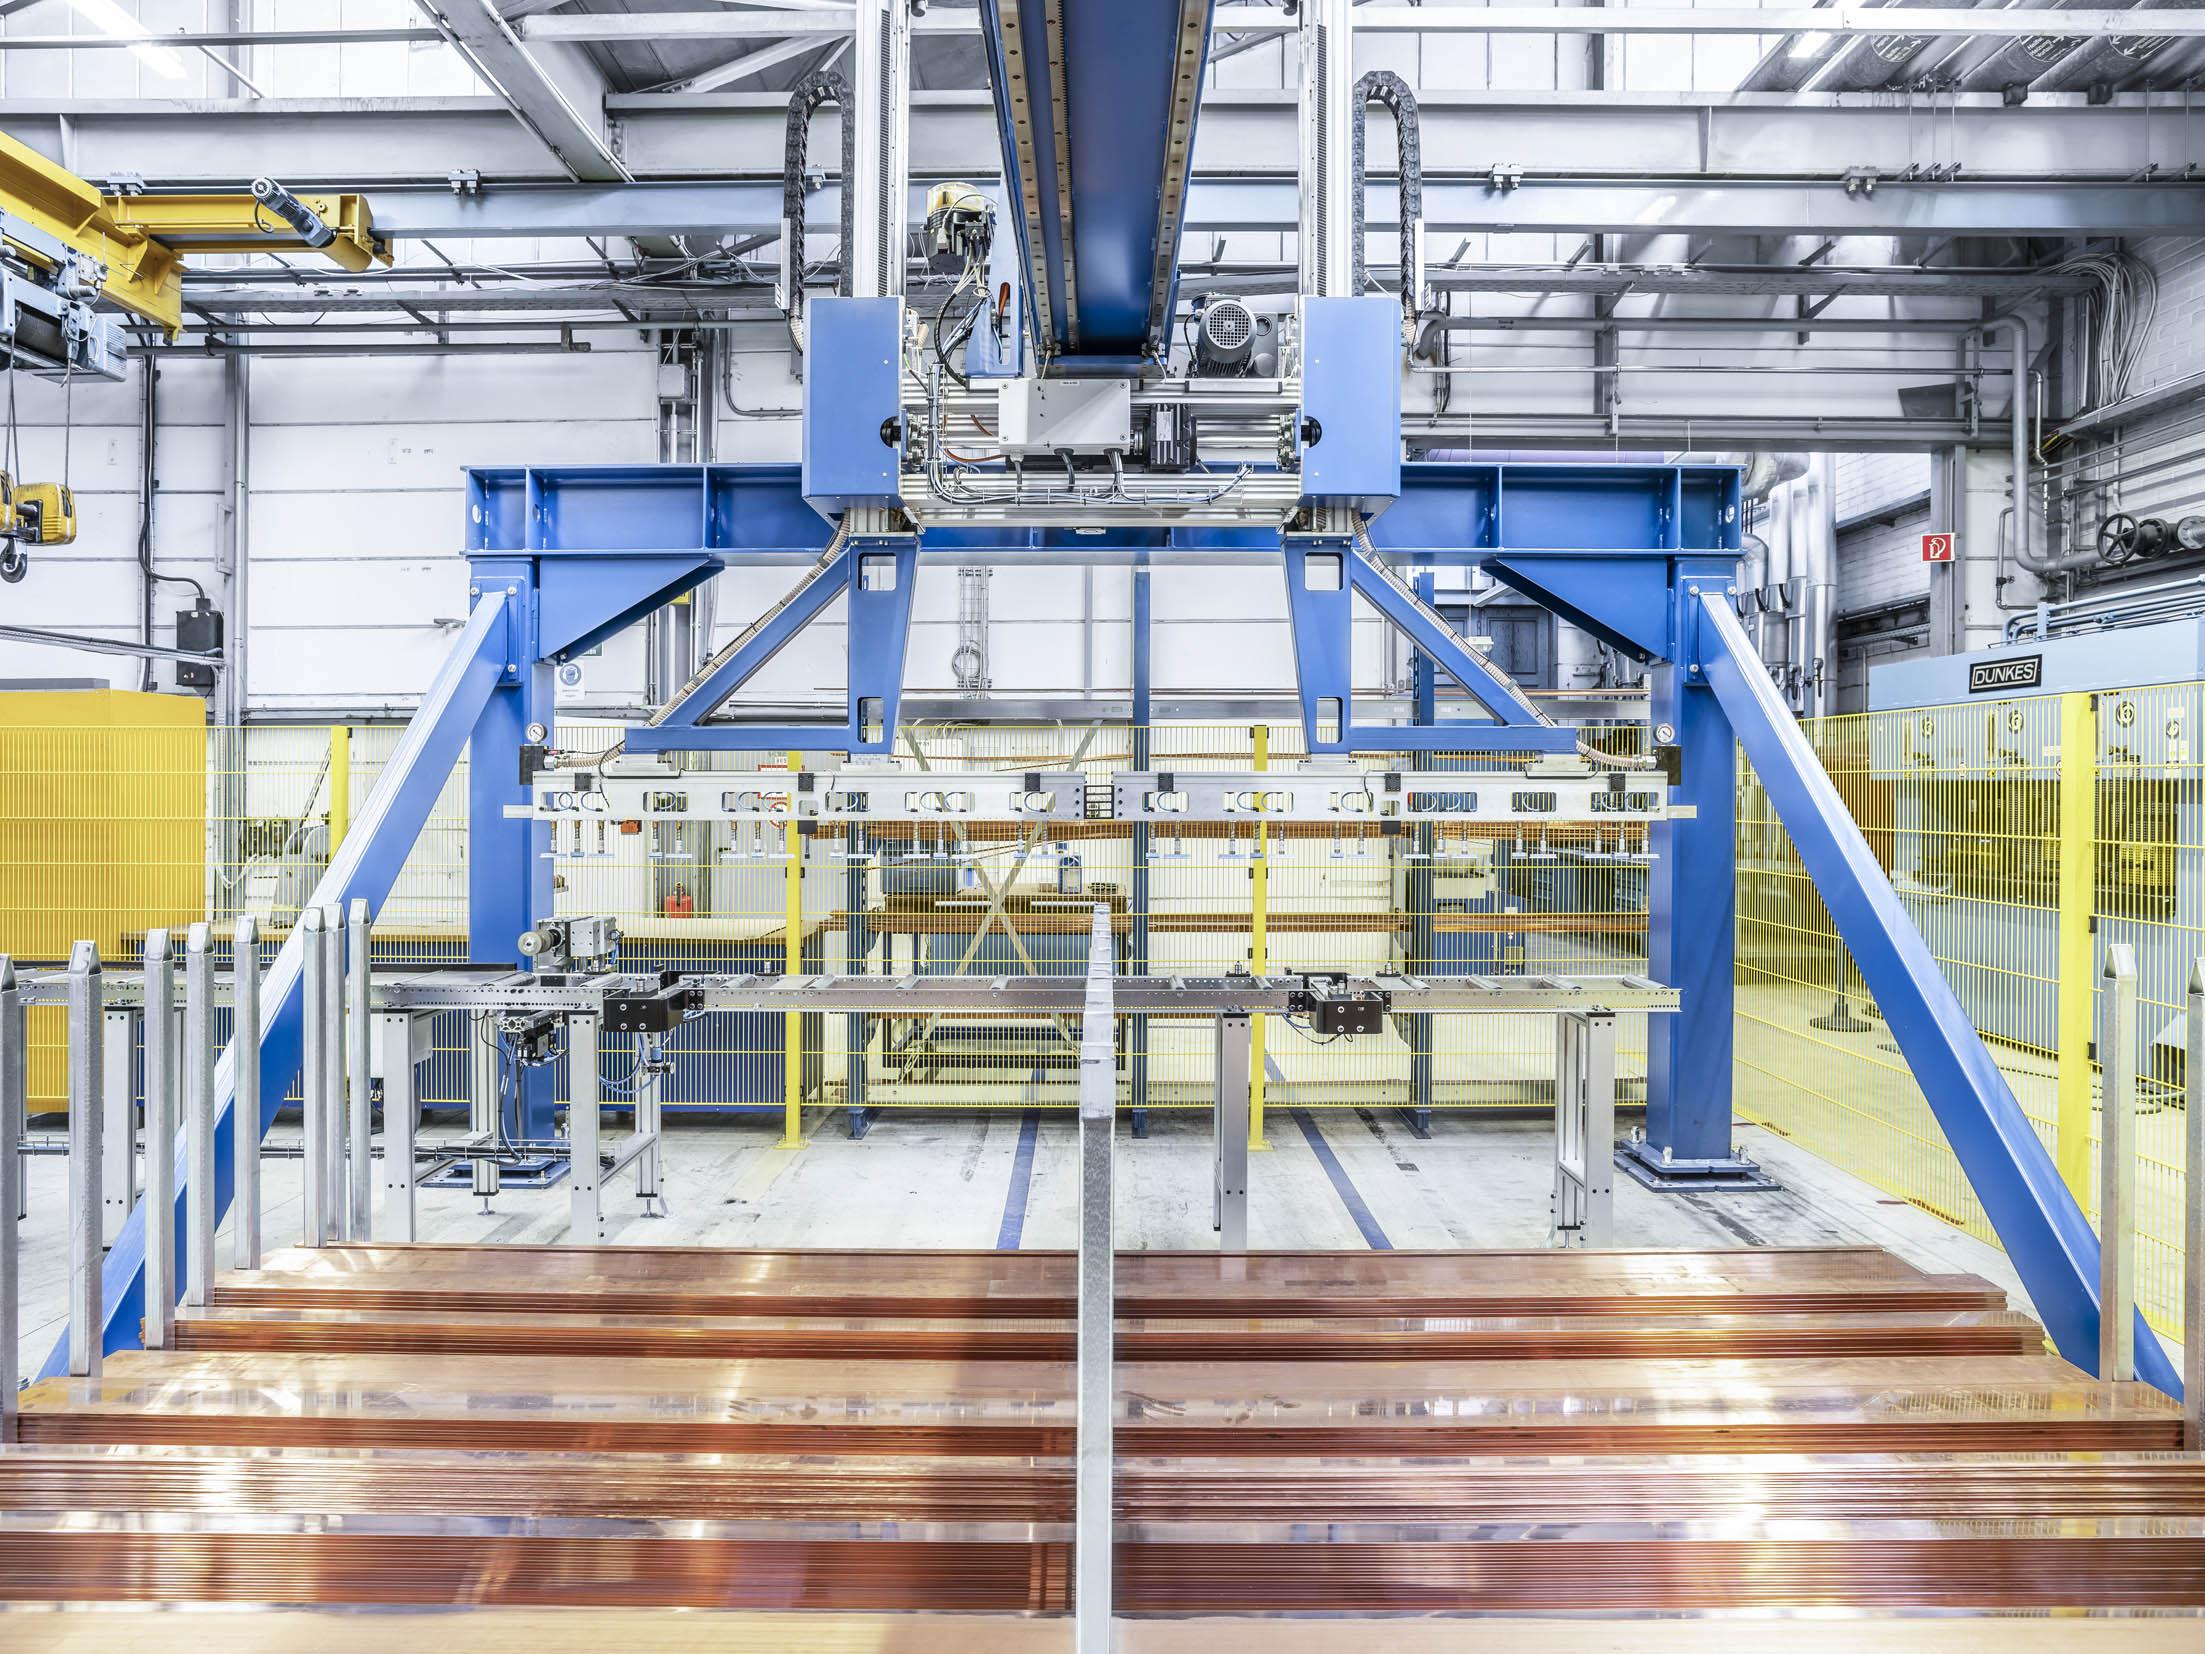 Das Gantry System ist der Kern der Automatisierung für die beiden autark arbeitenden Stanzmaschinen. Unter dem Portalkran gibt es zwei Lagerbereiche für je 40 to. Material unterschiedlicher Abmessungen. (Bild: Sedotec GmbH &Co. KG)